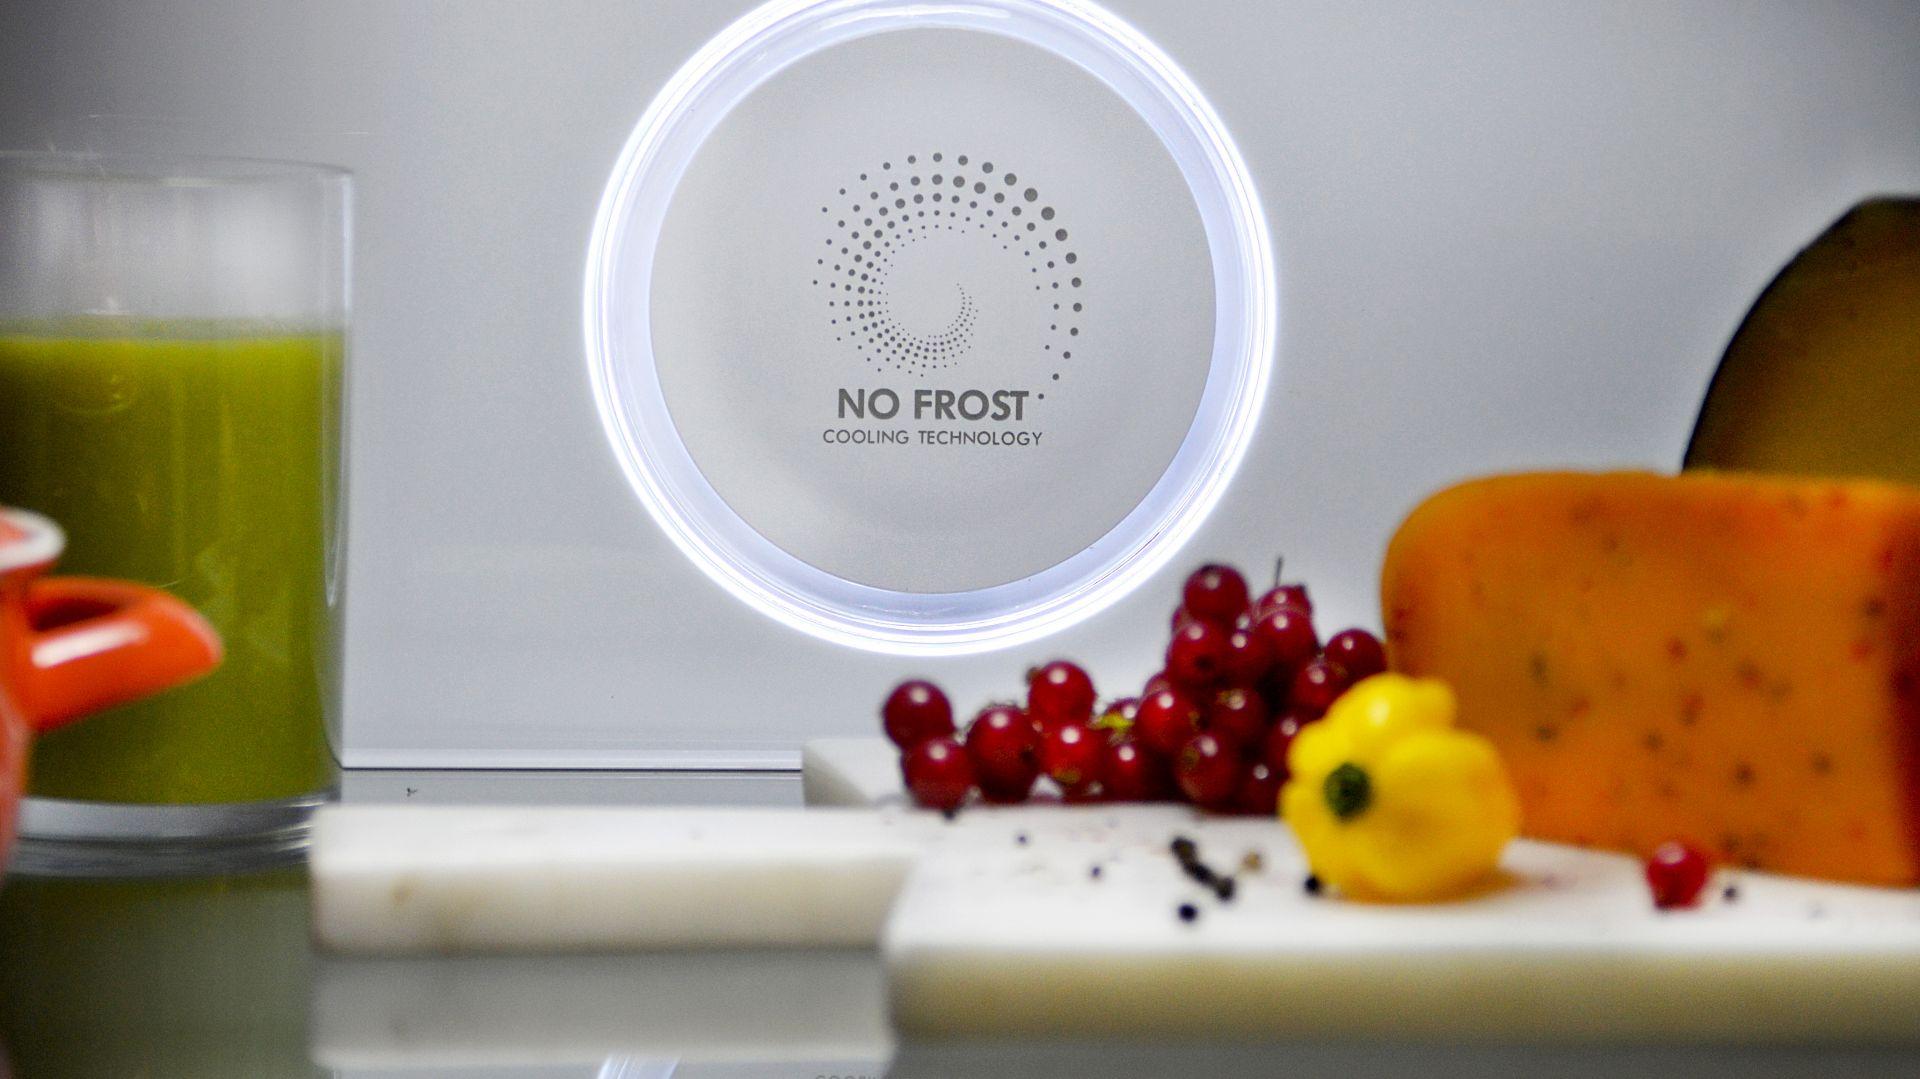 Funkcja No Frost. Fot. MPM